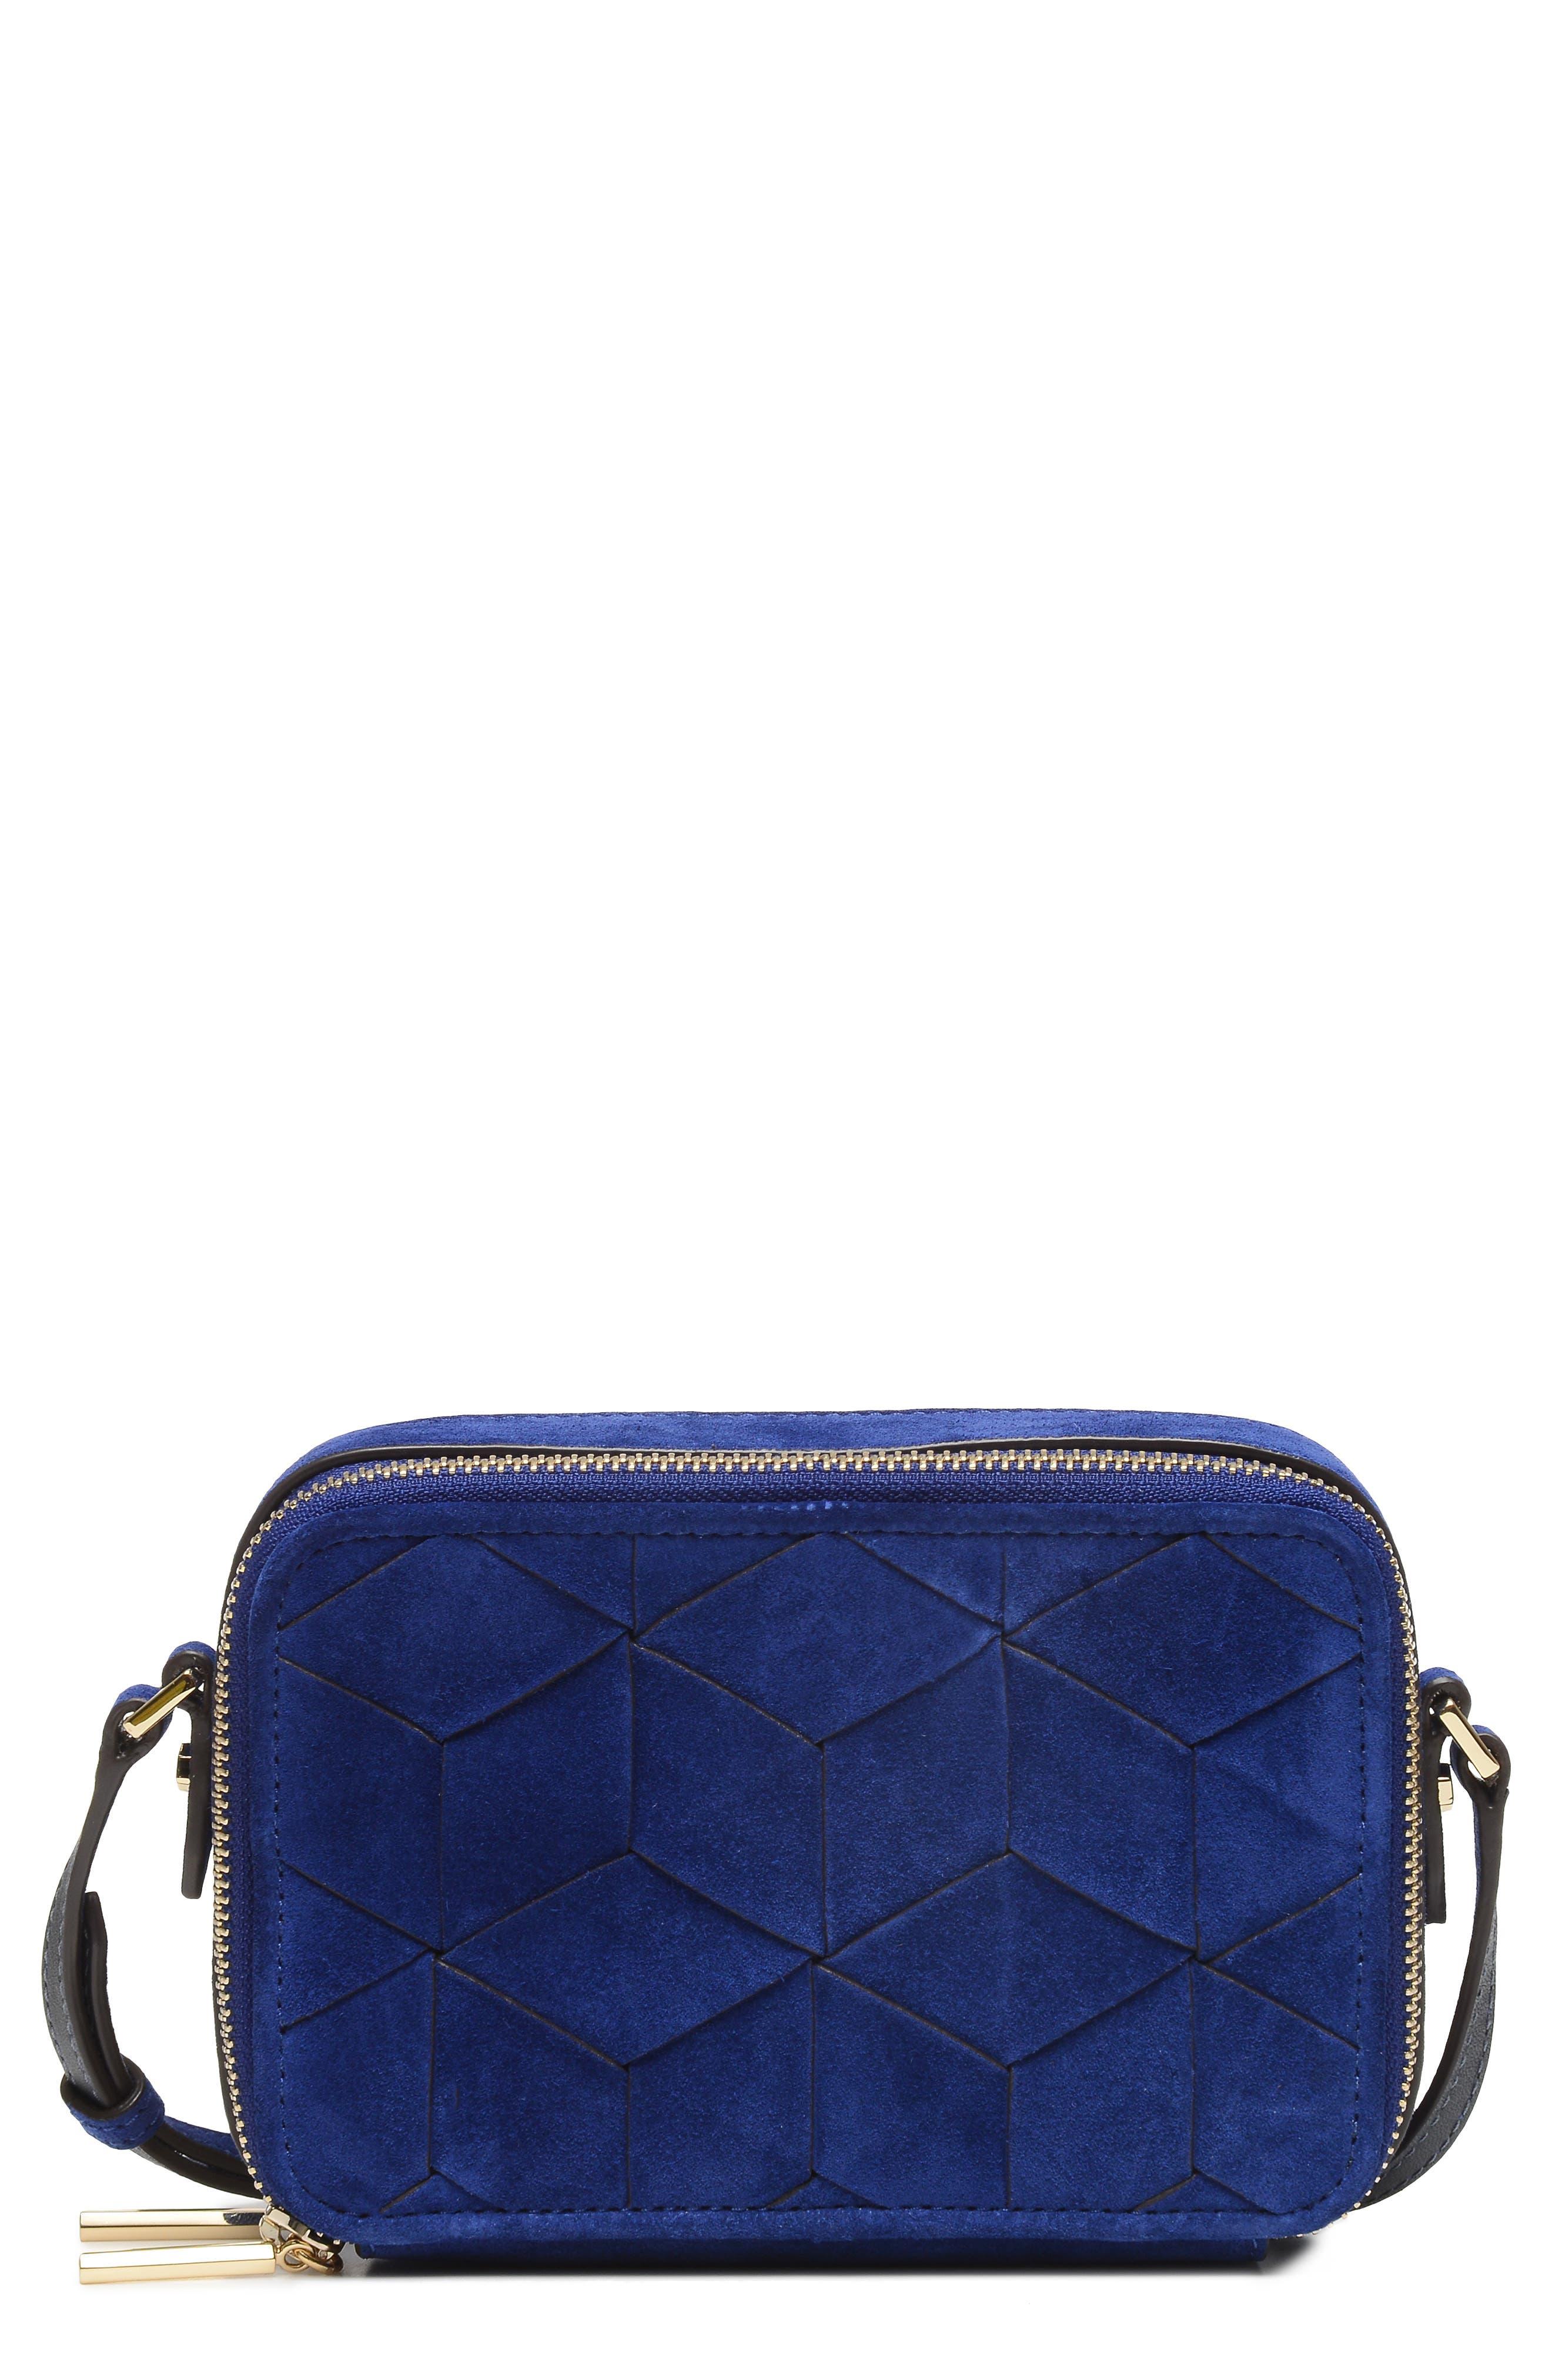 Roam Suede Camera Bag,                         Main,                         color, 400